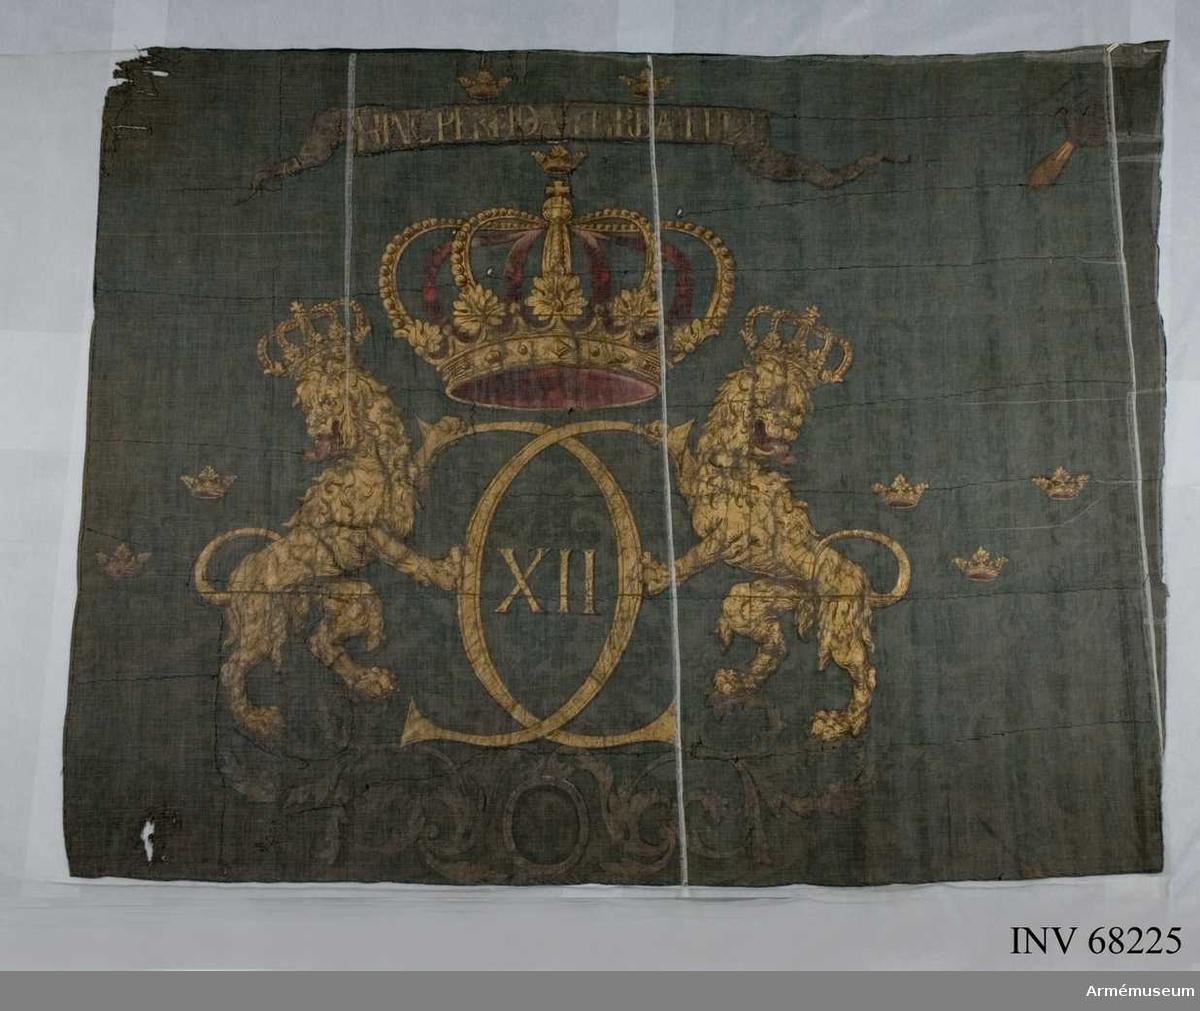 """Duk: Tillverkad av tre våder enkel blå sidendamast, sammansydd horisontellt. Mönster: vridna blad.  Dekor:  Målad lika på båda sidor, Karl XII:s namnchiffer, dubbelt C varinom XII, allt i guld, jämte en krönande, gyllene med rött även på byglarna innerfodrad stor sluten krona uppburet av två med slutna kronor krönta, ensvansade, utåtseende lejon i guld med röda tungor. Stående på ett postament i silver ett med luftigt lövformade voluter.  Över och under och på sidorna om chiffret """"tre kronor"""" i guld, på högra kortsidan (från dukens insida sett) fattas en av """"tre kronorna"""".  I hörnen granater i silver med inåtgående eldstråle i gult och rött. Endast inre granaten kvar (från dukens insida sett den vänstra). Över kronan text med guldbokstäver på inskriptionsband i silver."""